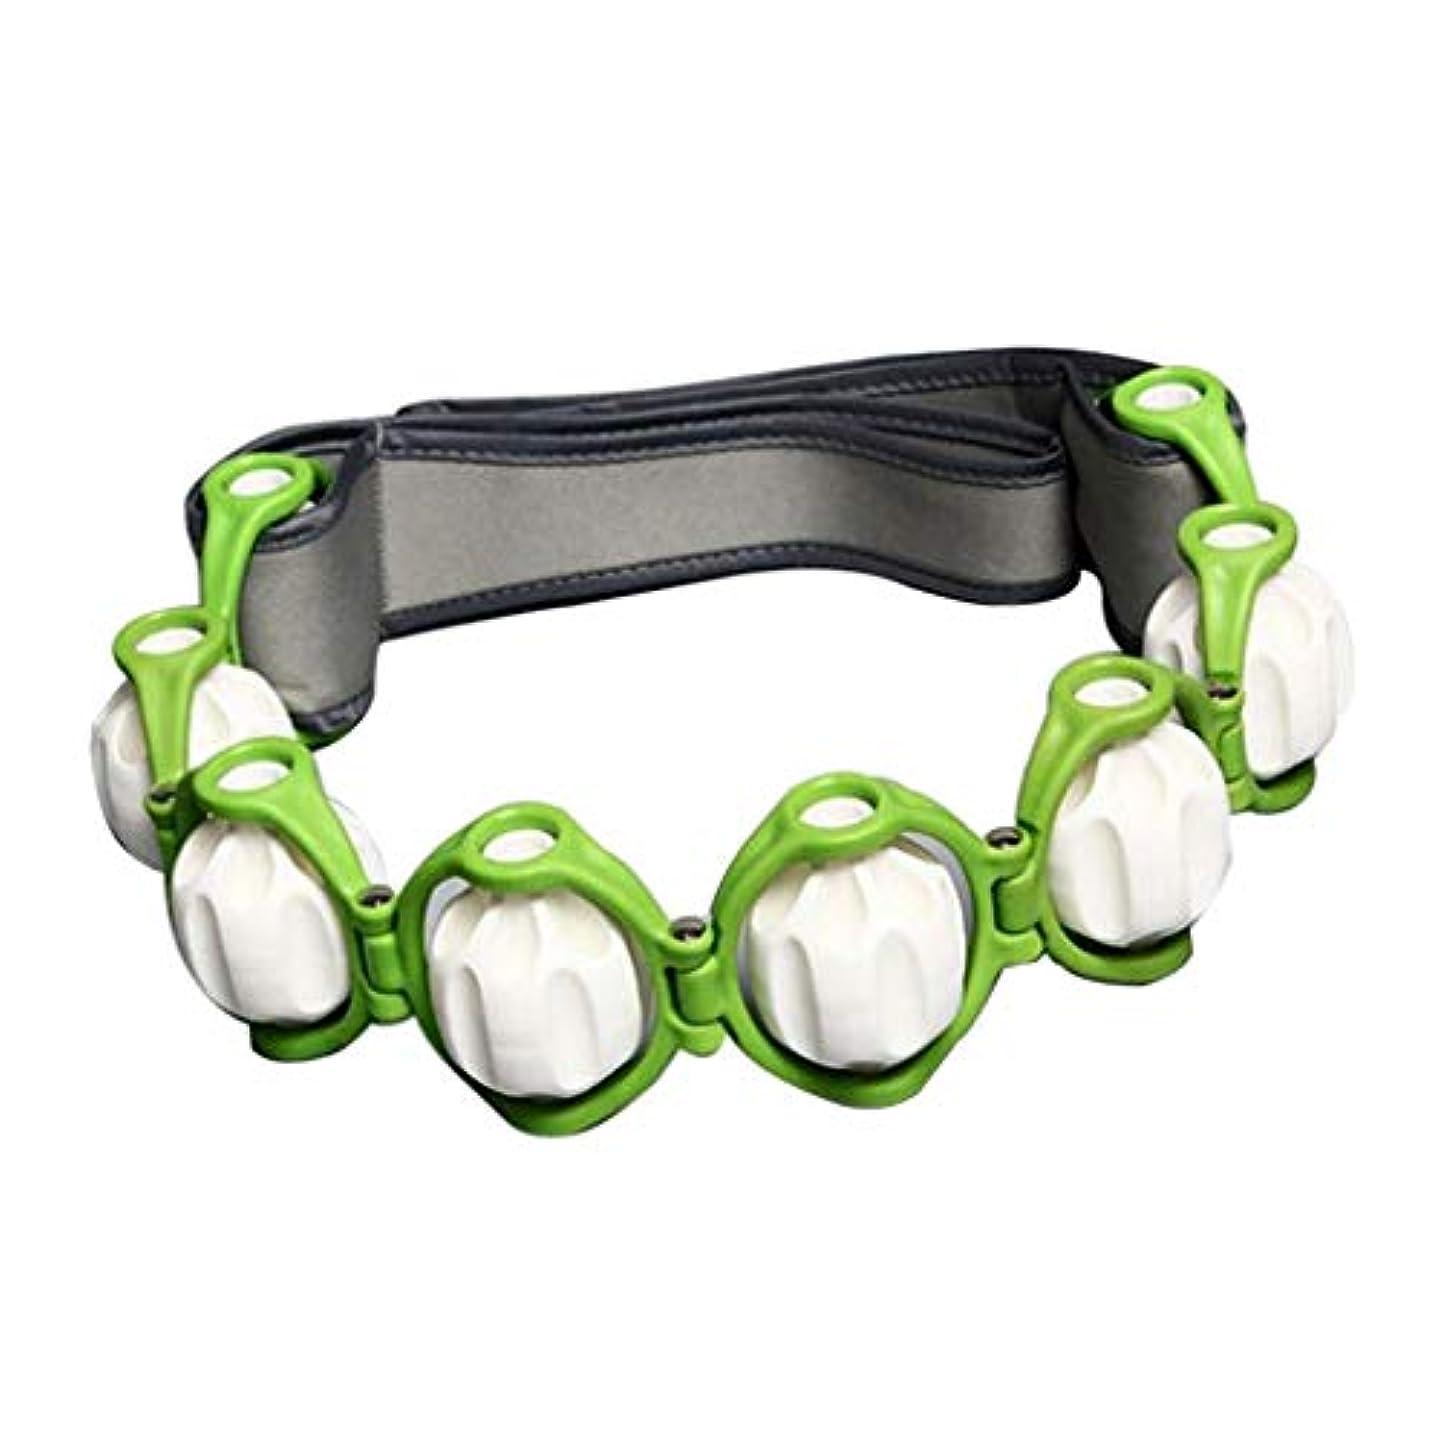 権限スポーツ記事FLAMEER ボディマッサージローラー ロープ付き 六つボール 4色選べ - 緑, 説明したように